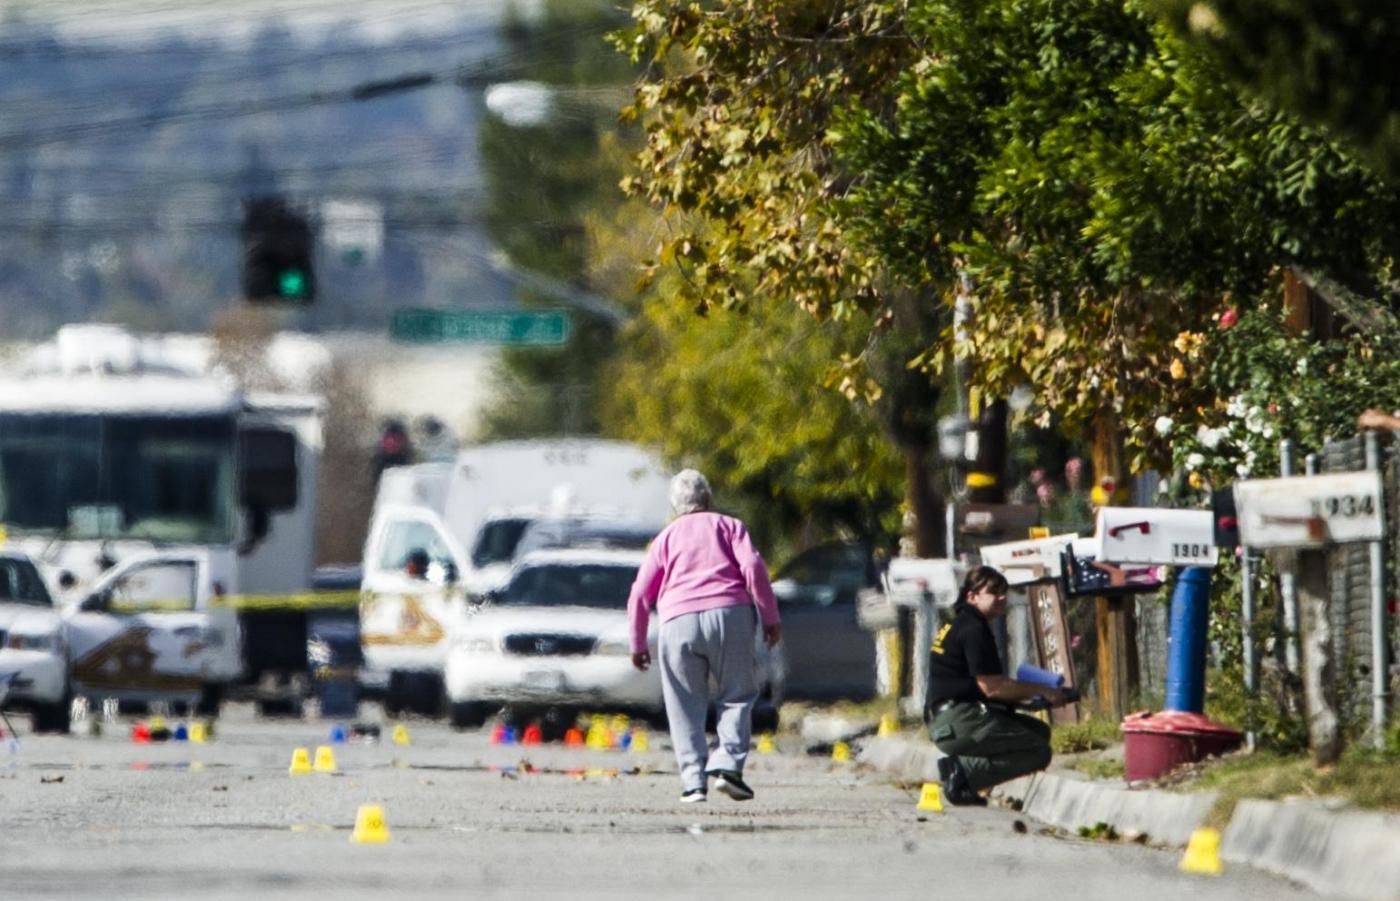 Strage California il giorno dopo a San Bernardino